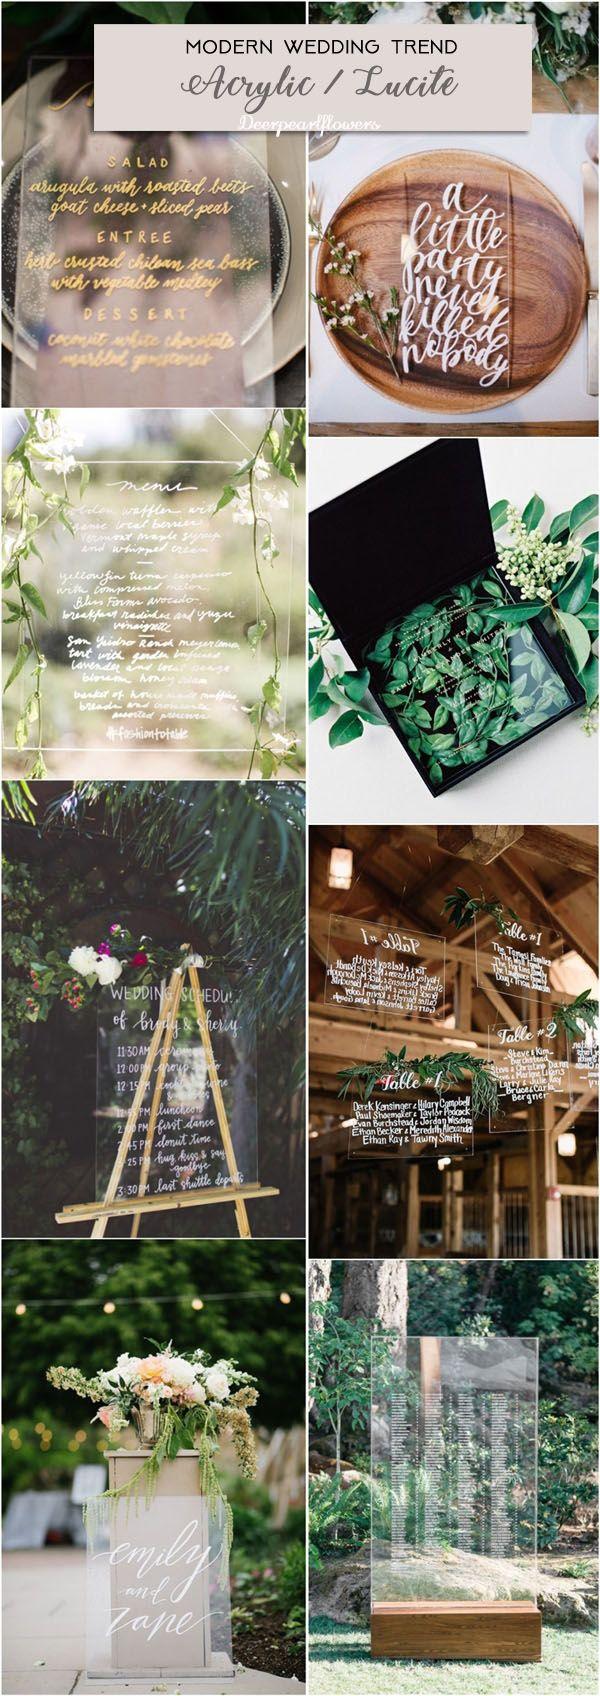 Acrylic wedding decor ideas for modern wedding / http://www.deerpearlflowers.com/modern-wedding-theme-ideas/